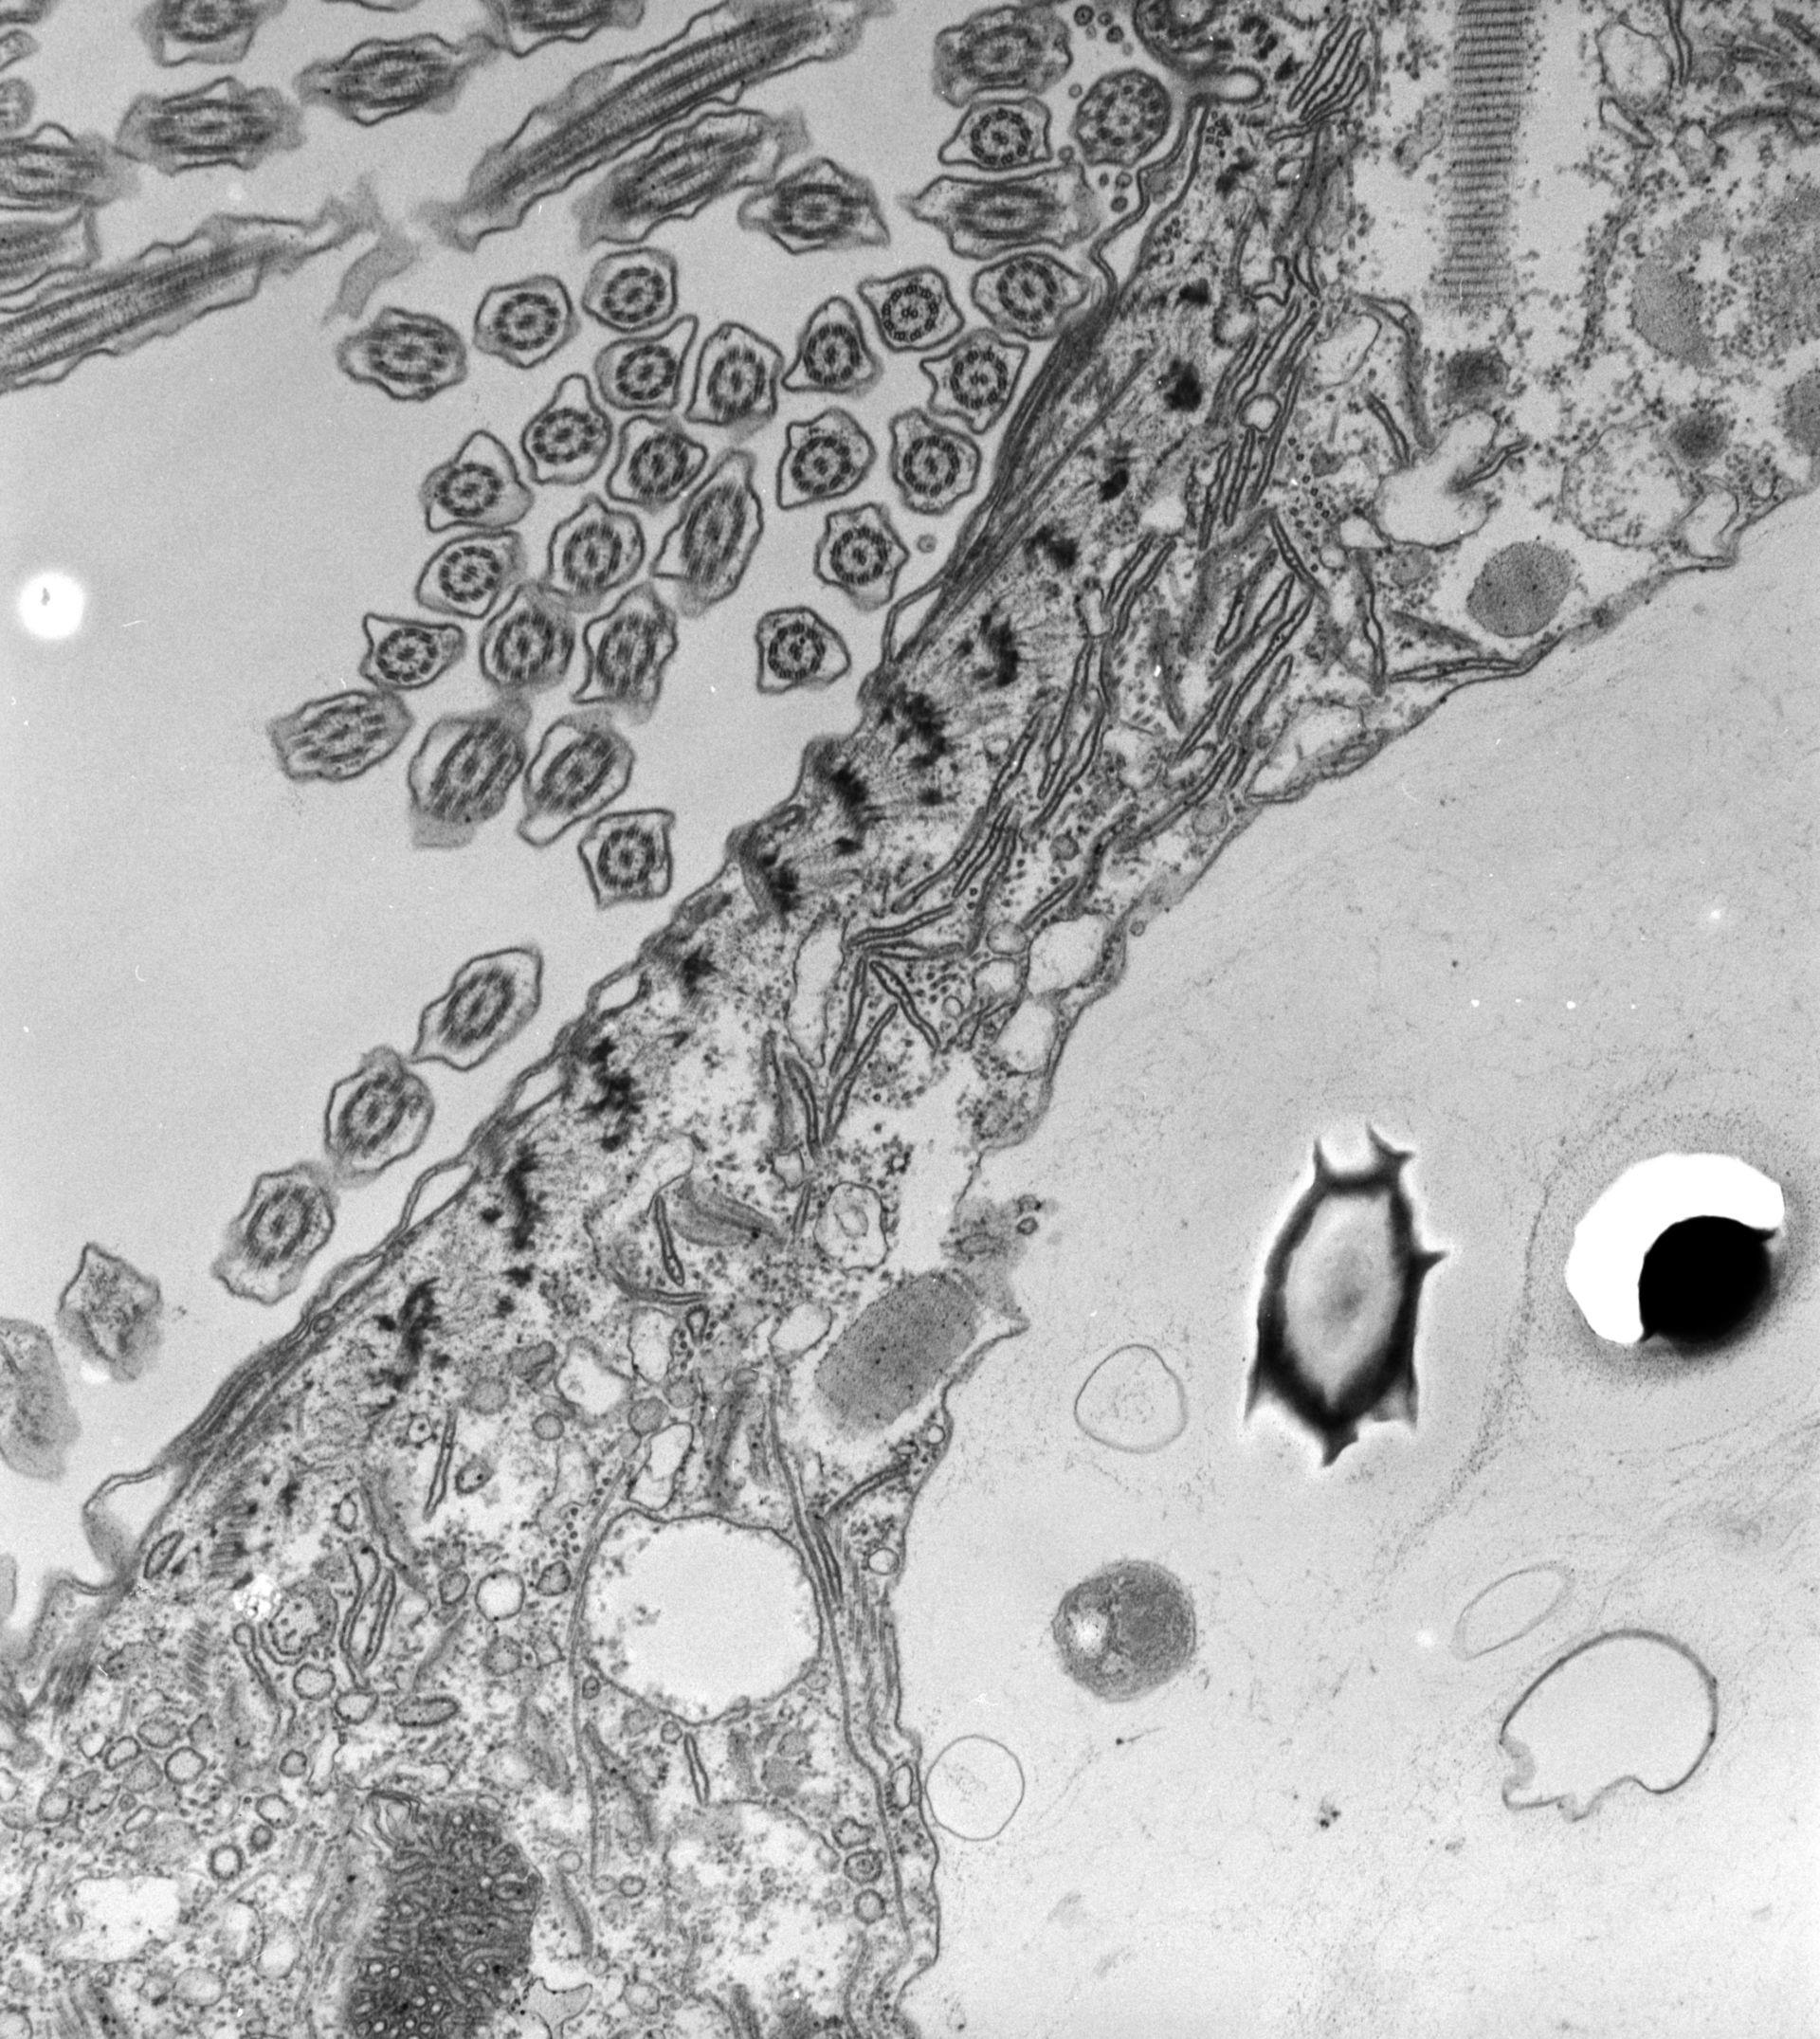 Paramecium caudatum (Endosoma) - CIL:39178